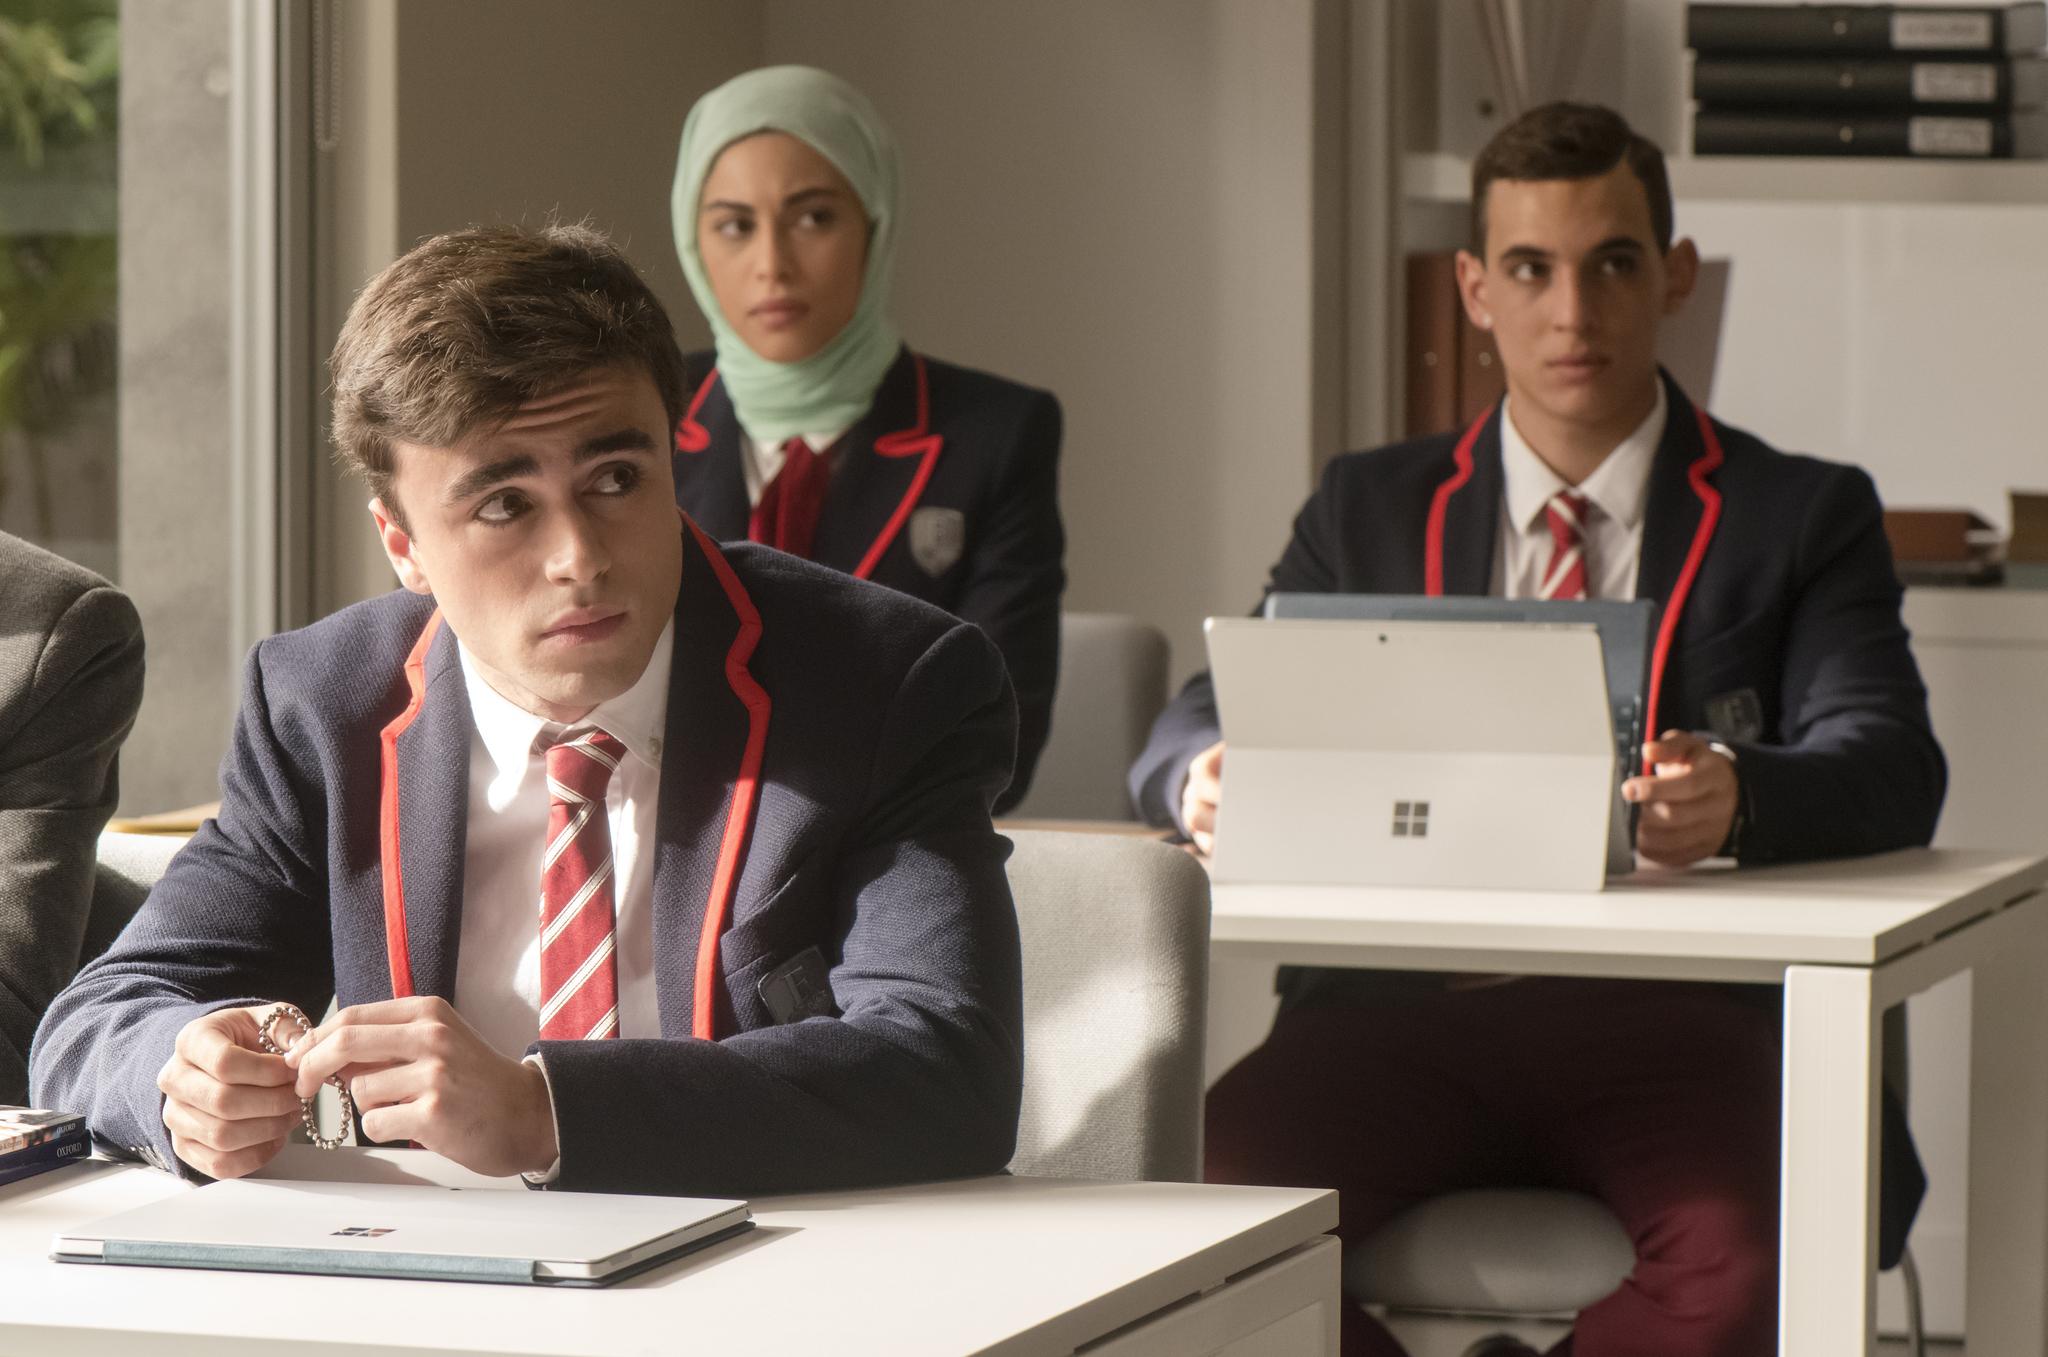 Miguel Herrán, Mina El Hammani, and Itzan Escamilla in Élite (2018)